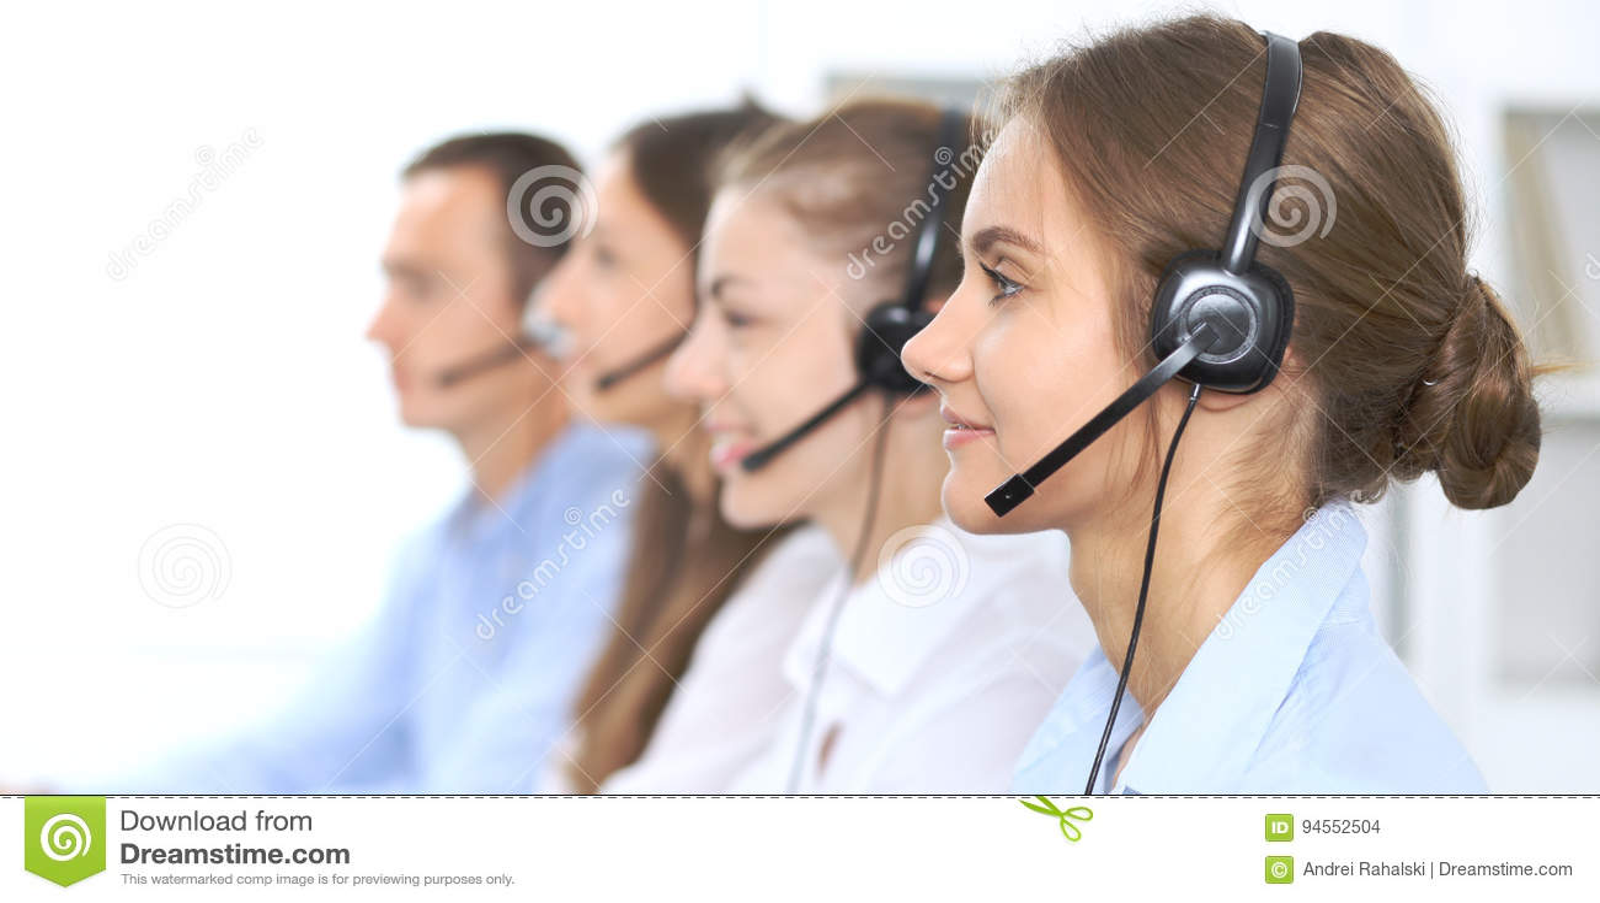 Appellmittoperatör i hörlurar med mikrofon, medan konsultera klienten Telefonförsäljning- eller telefonförsäljningar Kundtjänst o